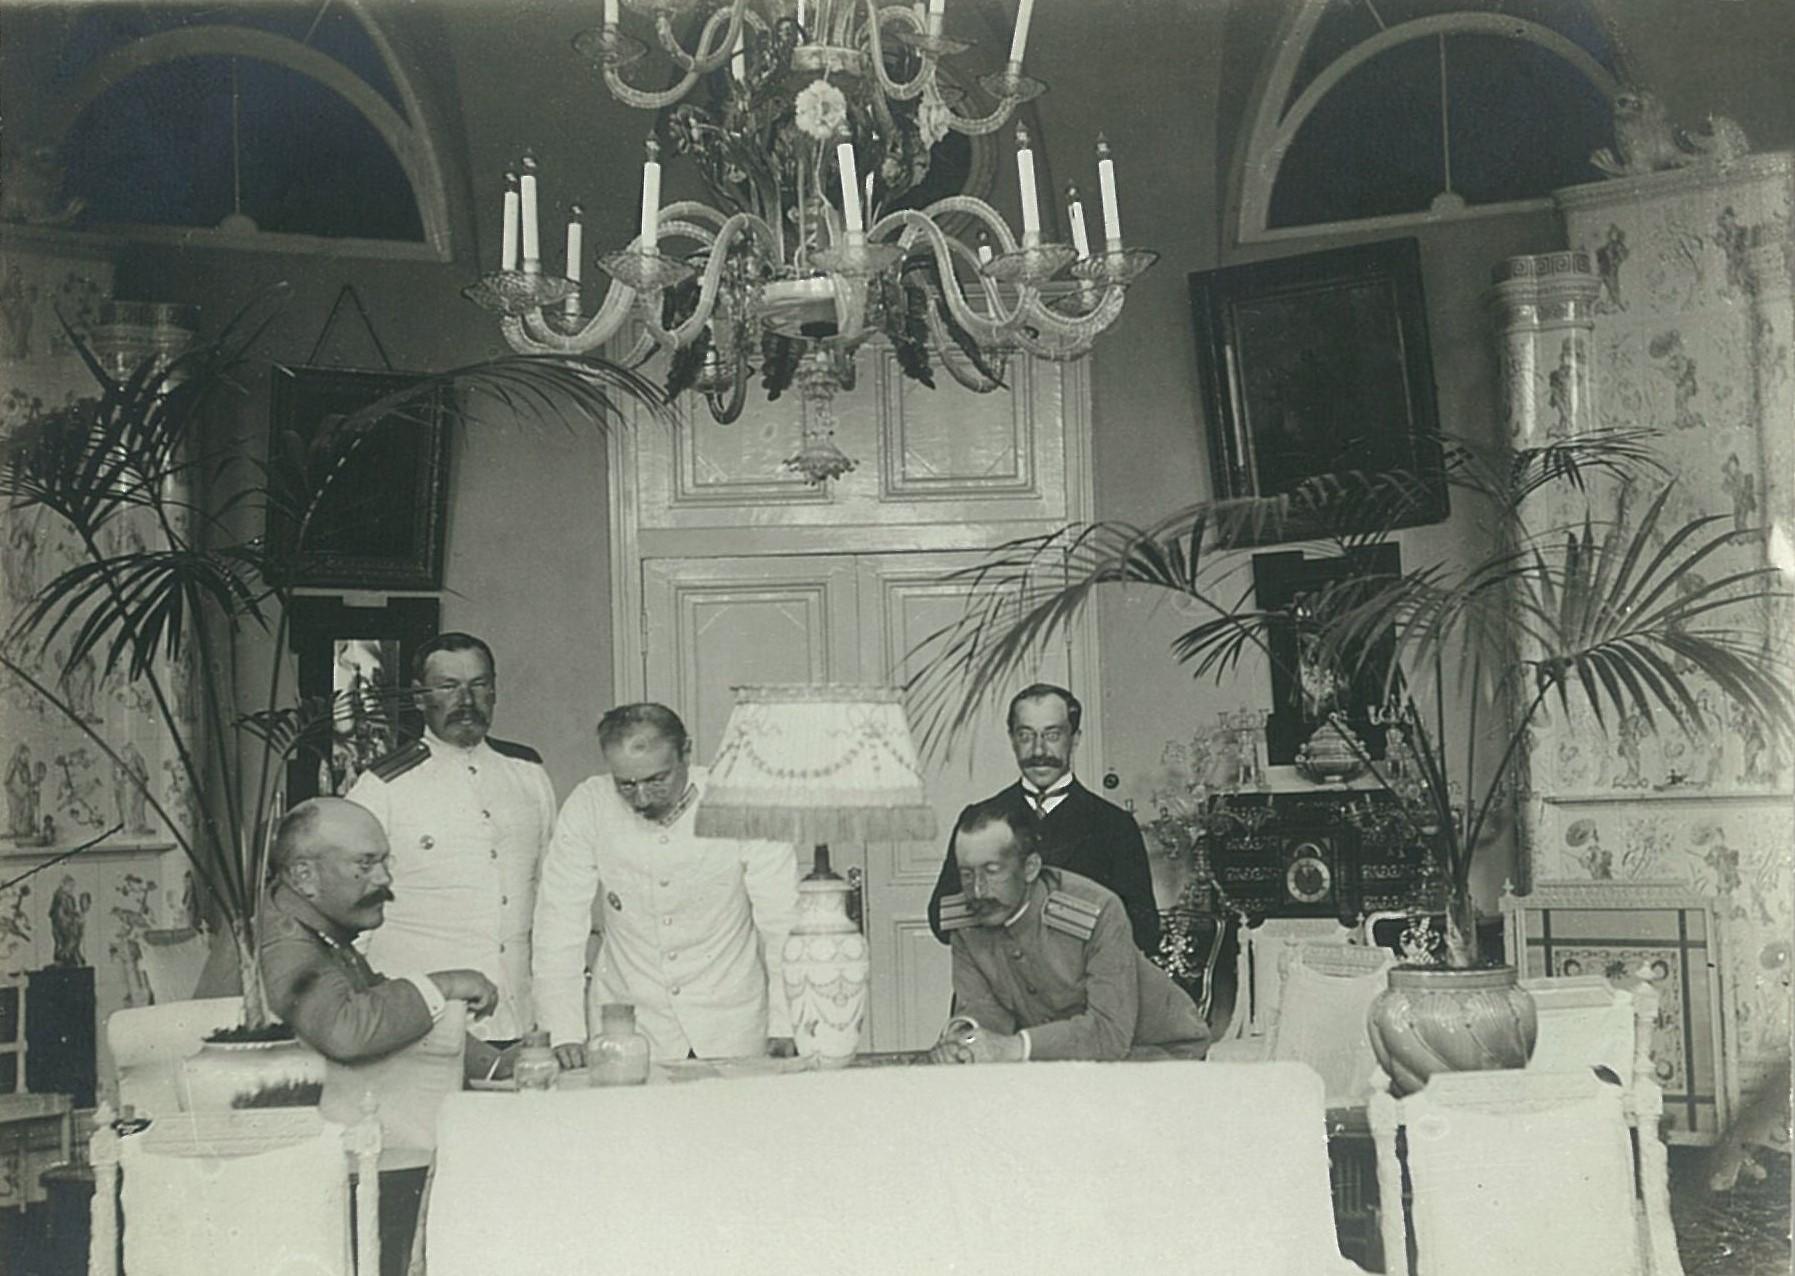 В.П. Всеволожский с группой военных в одном из залов усадебного дома в Рябово (с китайскими печами).